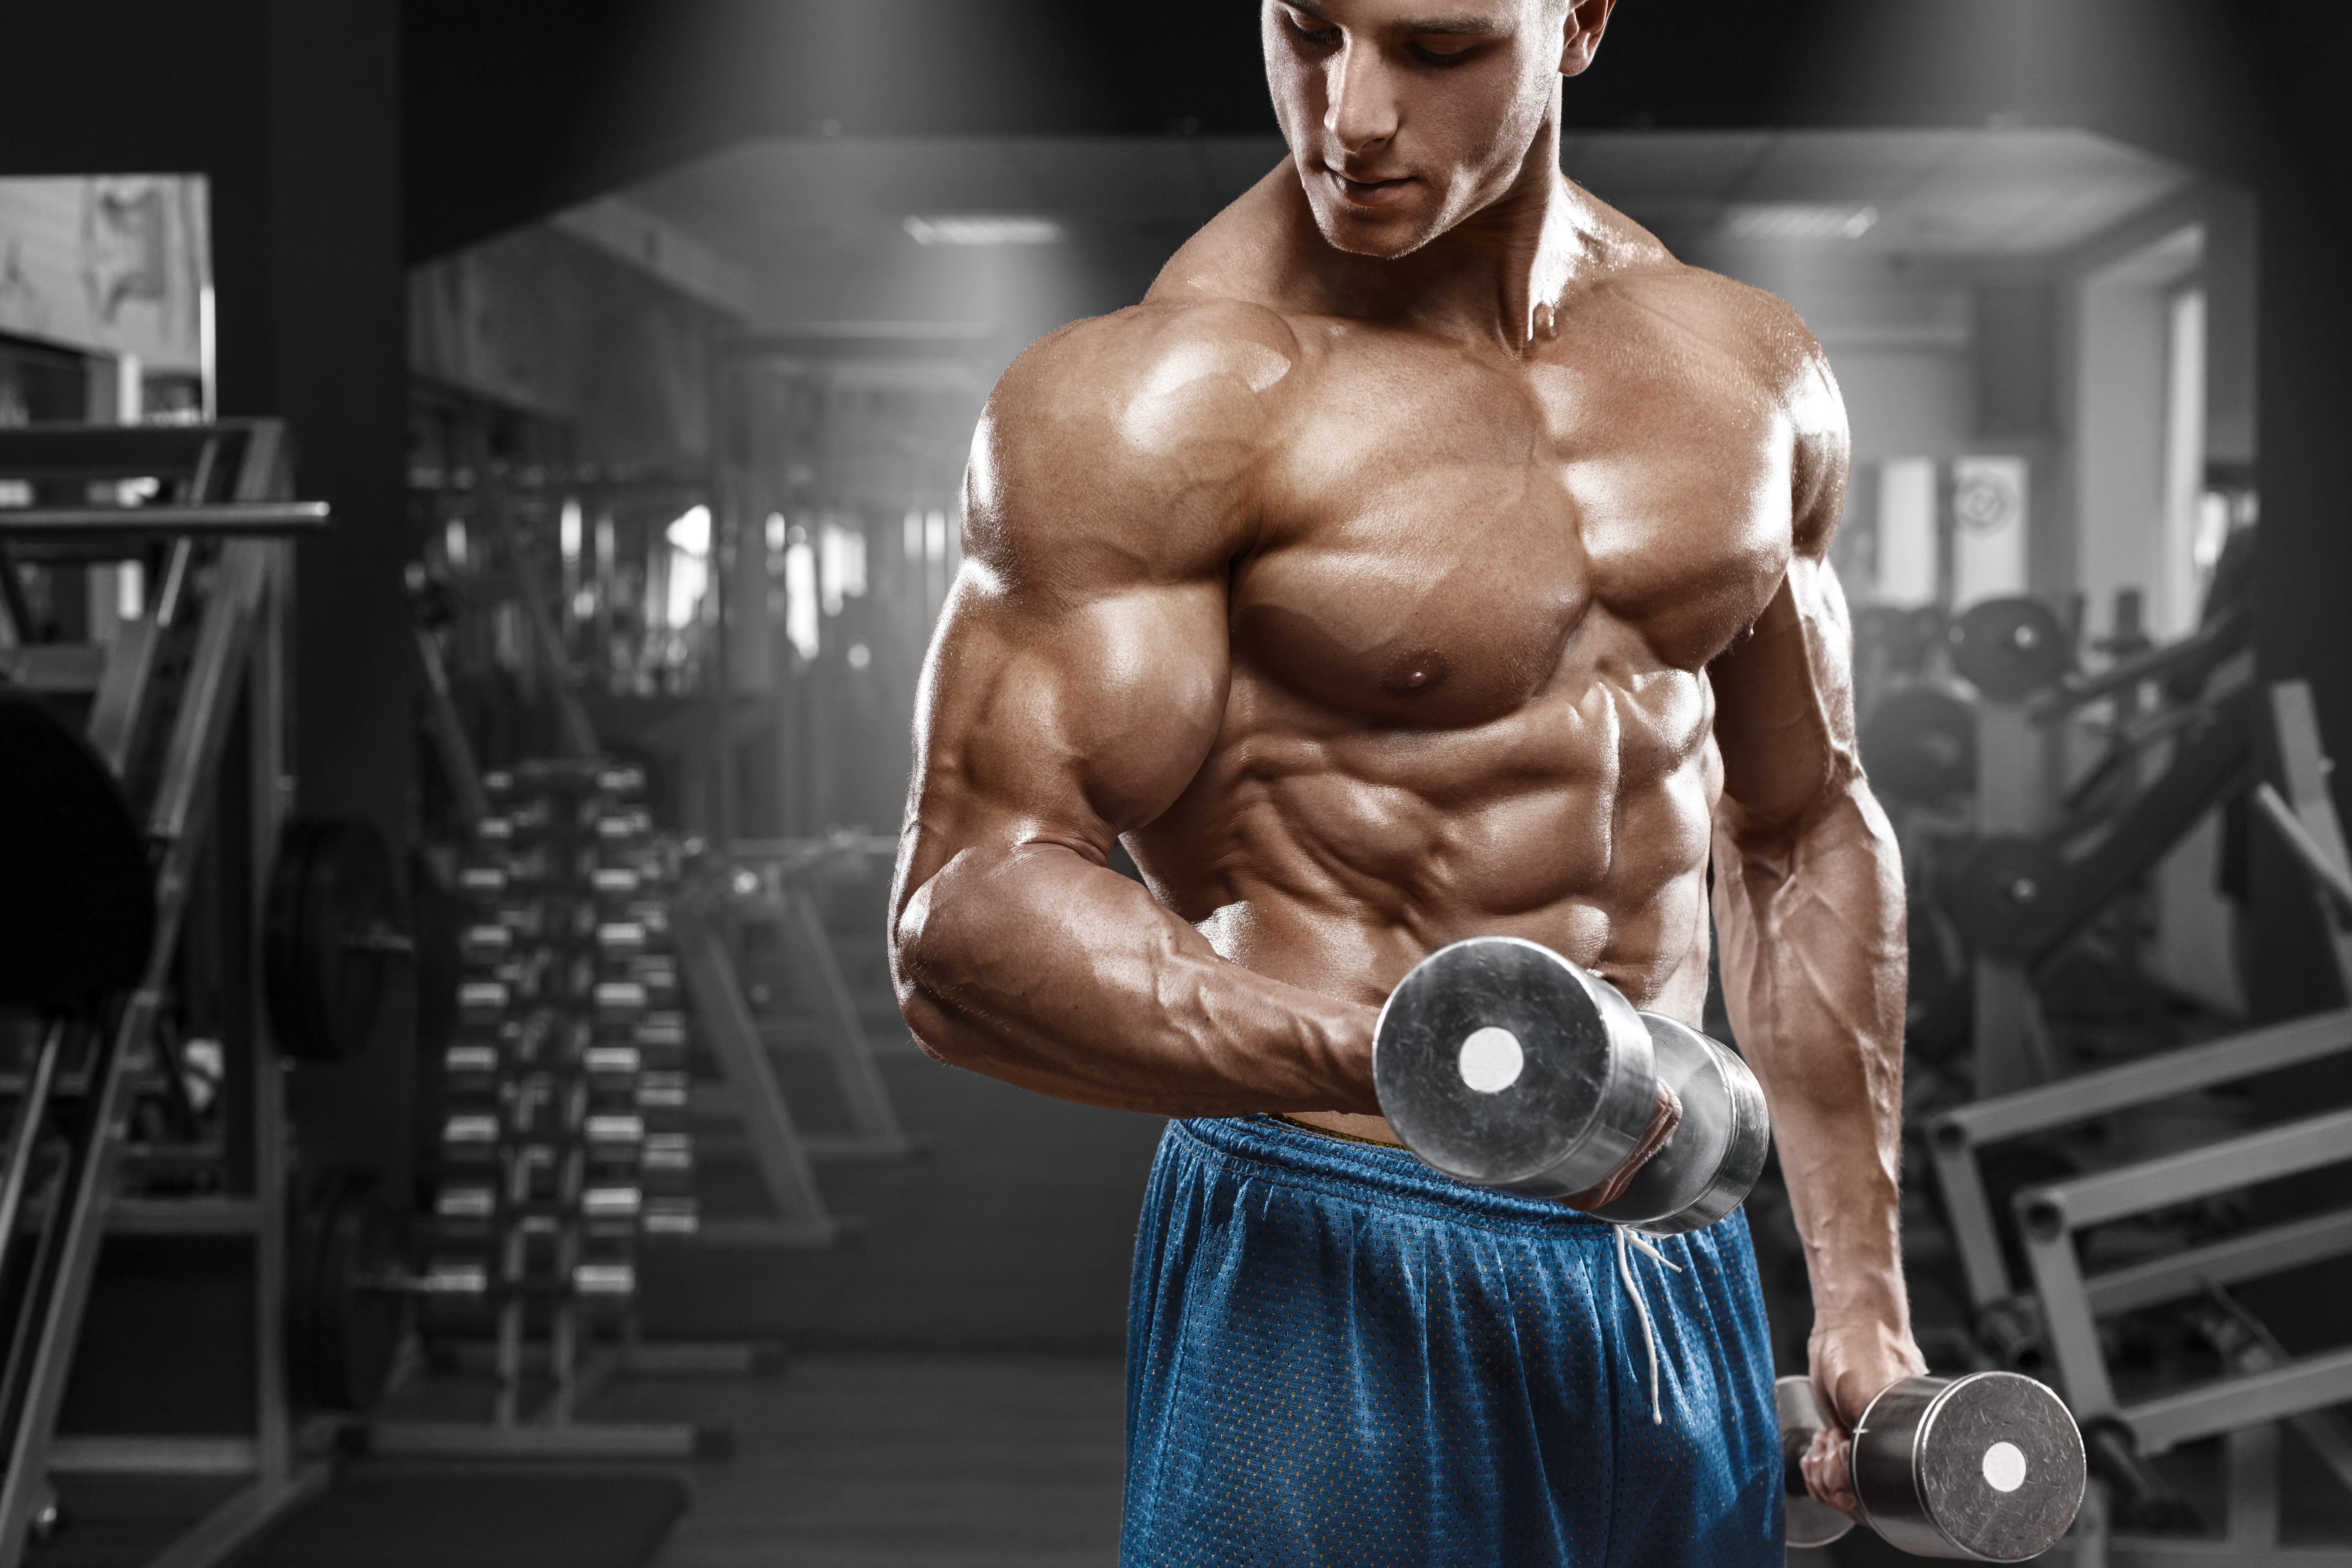 hd workout wallpaper